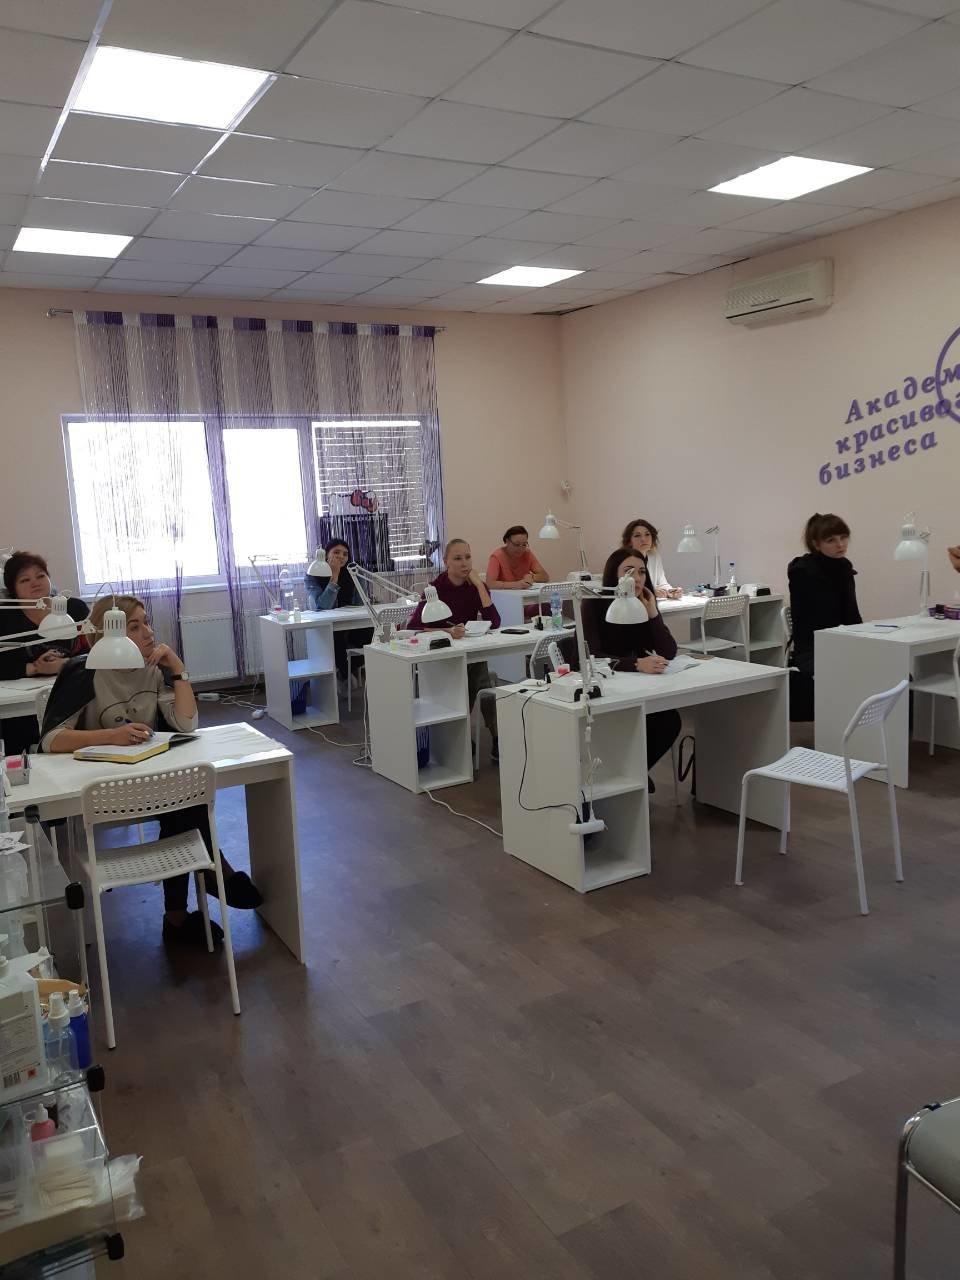 ТОП-5 образовательных курсов в Кривом Роге, фото-5